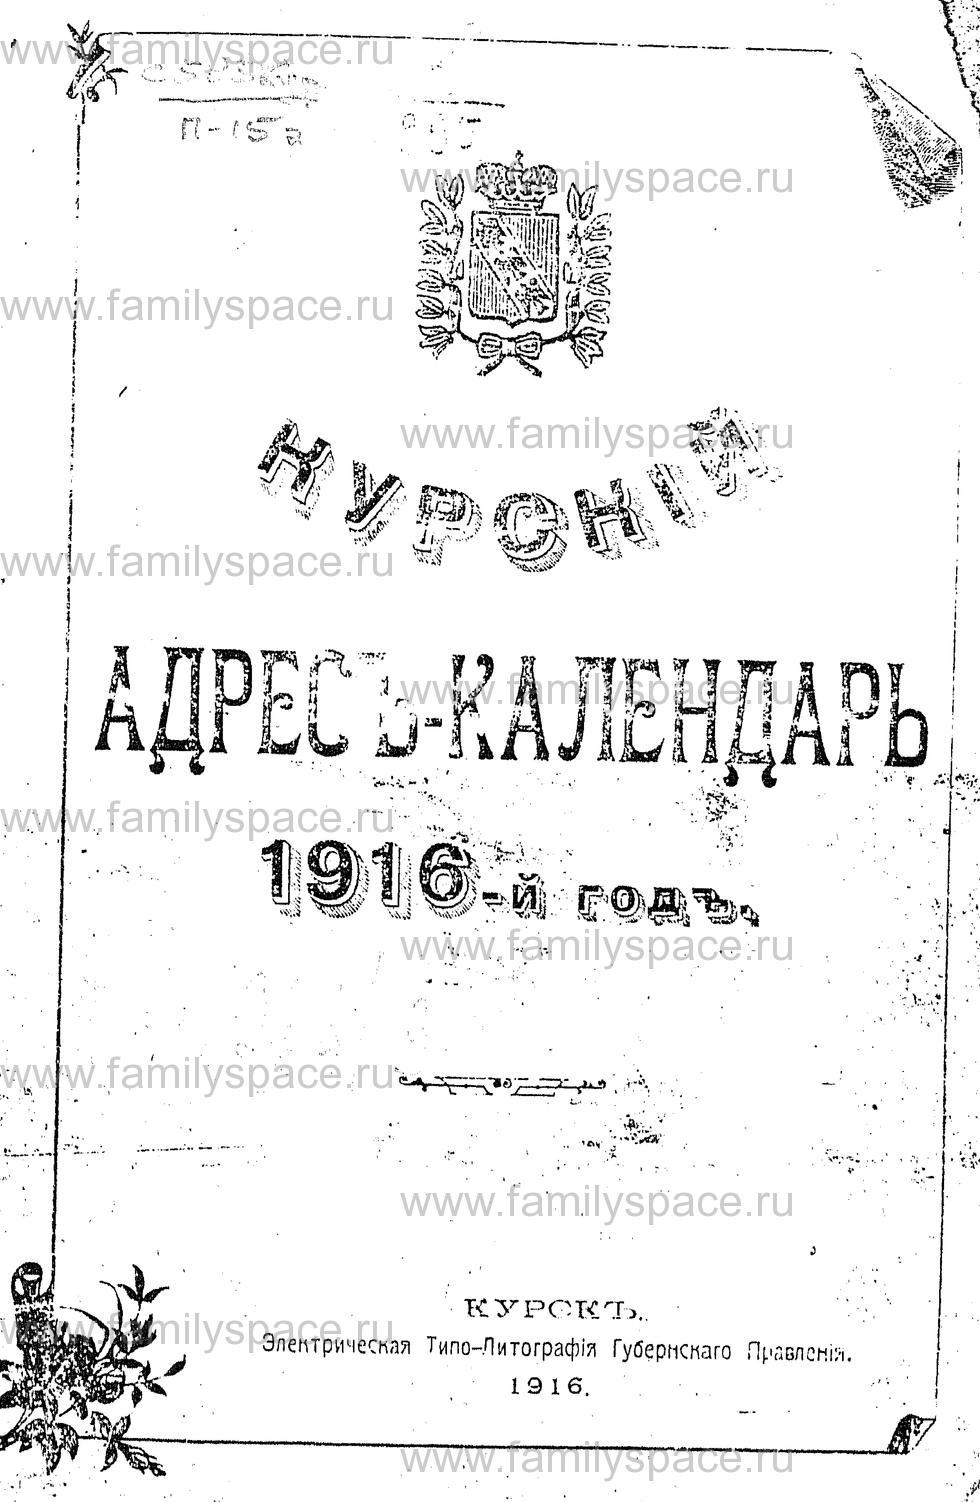 Поиск по фамилии - Курский адрес-календарь на 1916 год, страница -2